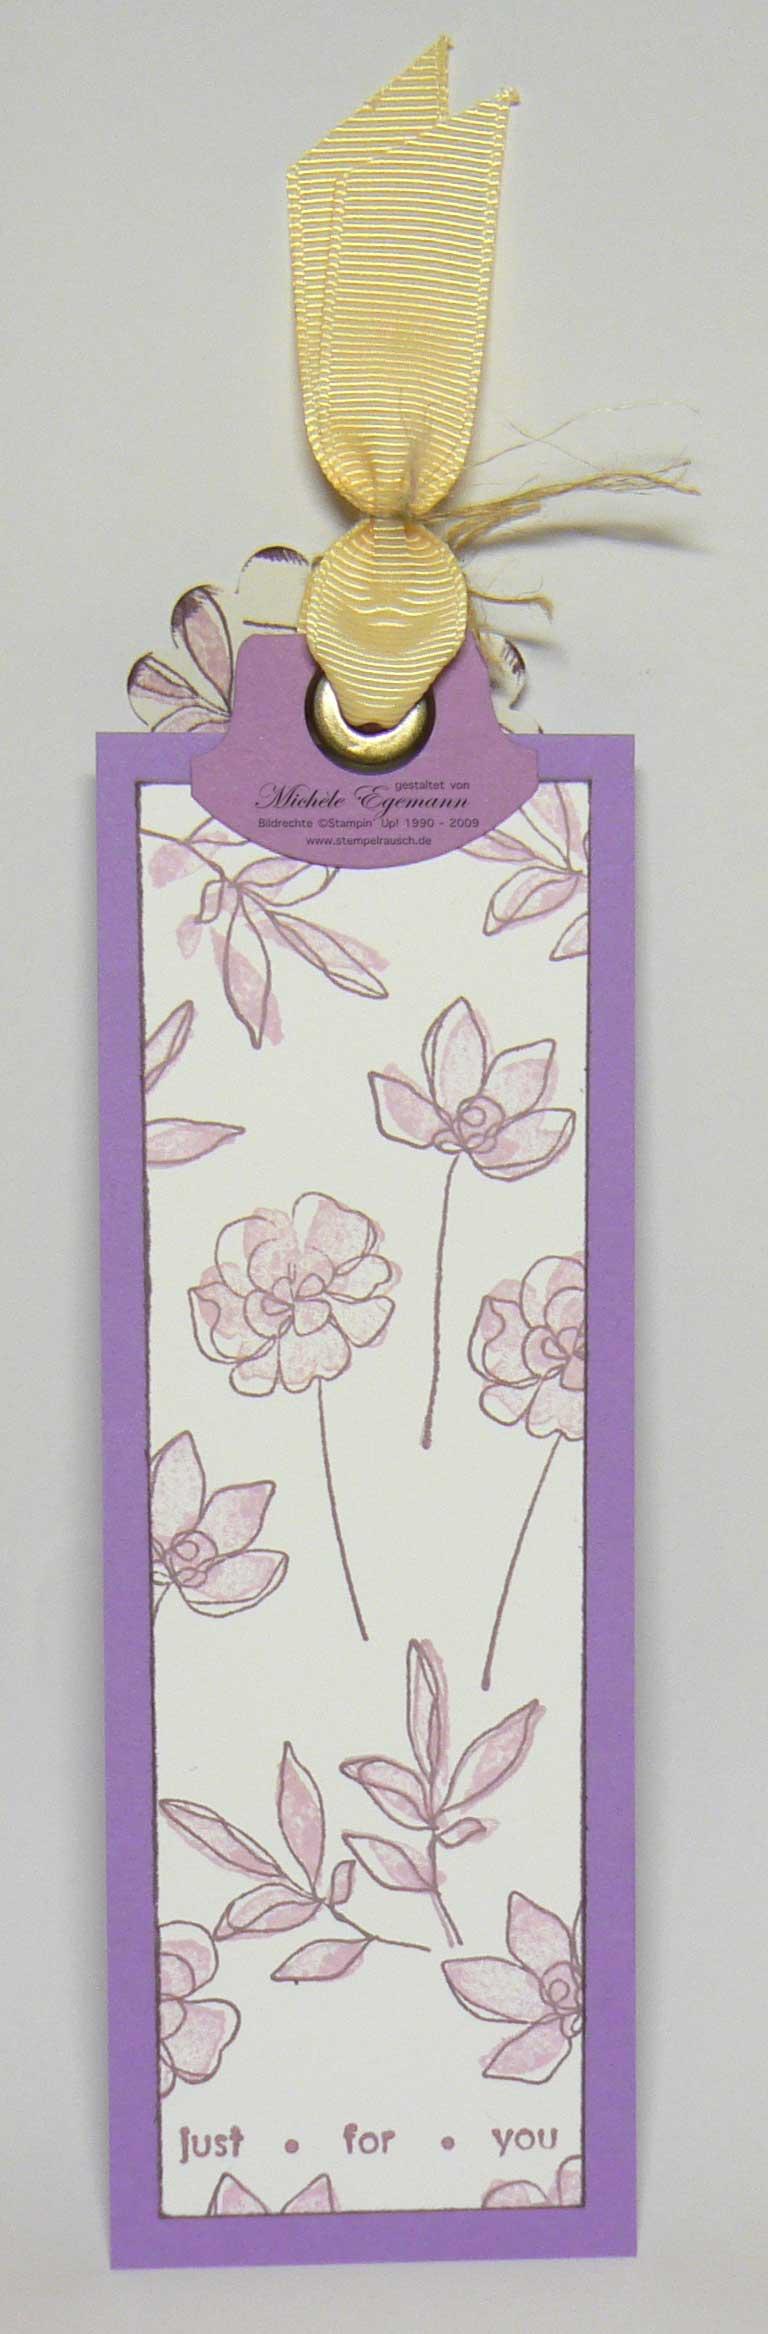 Lesezeichen mit Botanischen Blumen